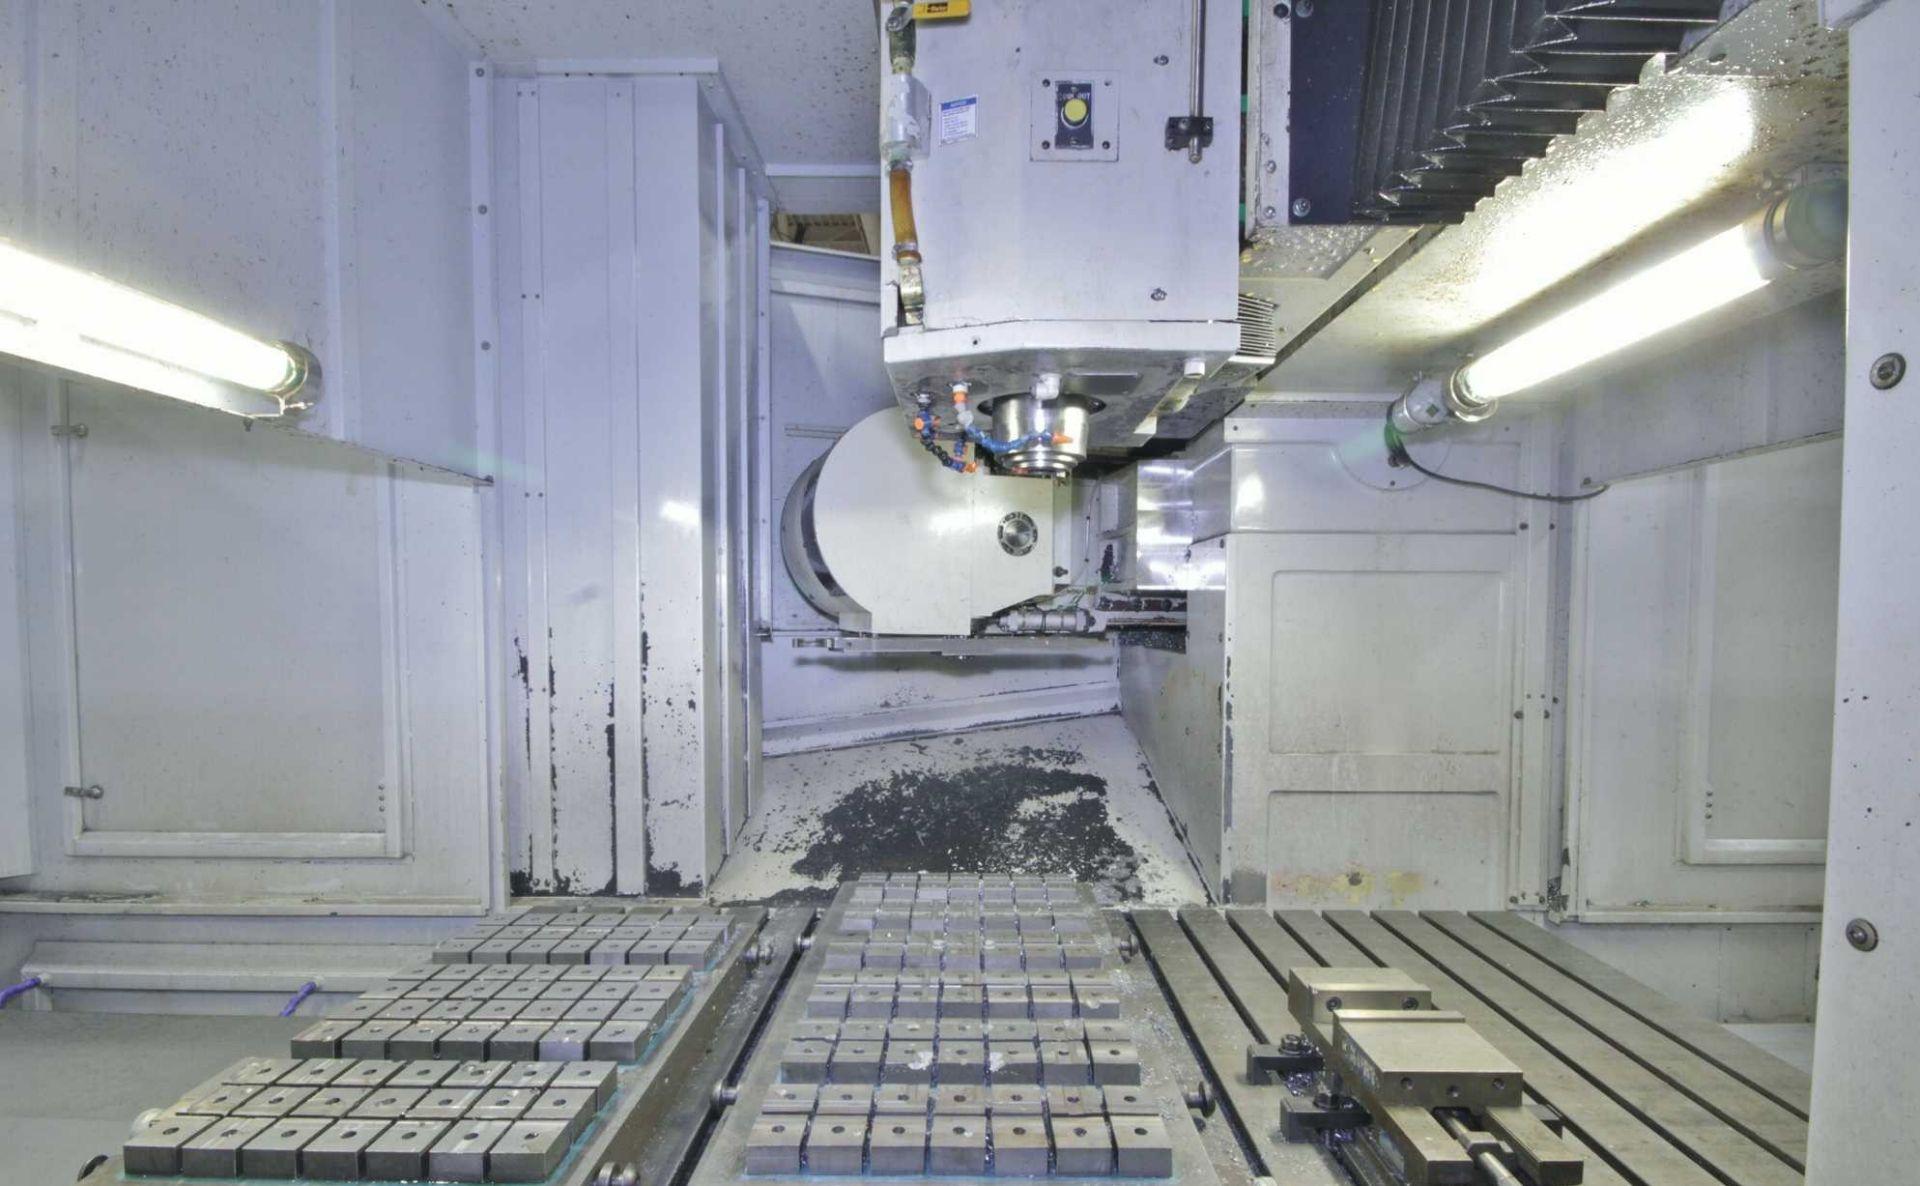 """Lot 17 - 40""""x40"""" Pallets Milltronics TT40 CNC Vertical Machining Center, New 2010, S/N 10587"""